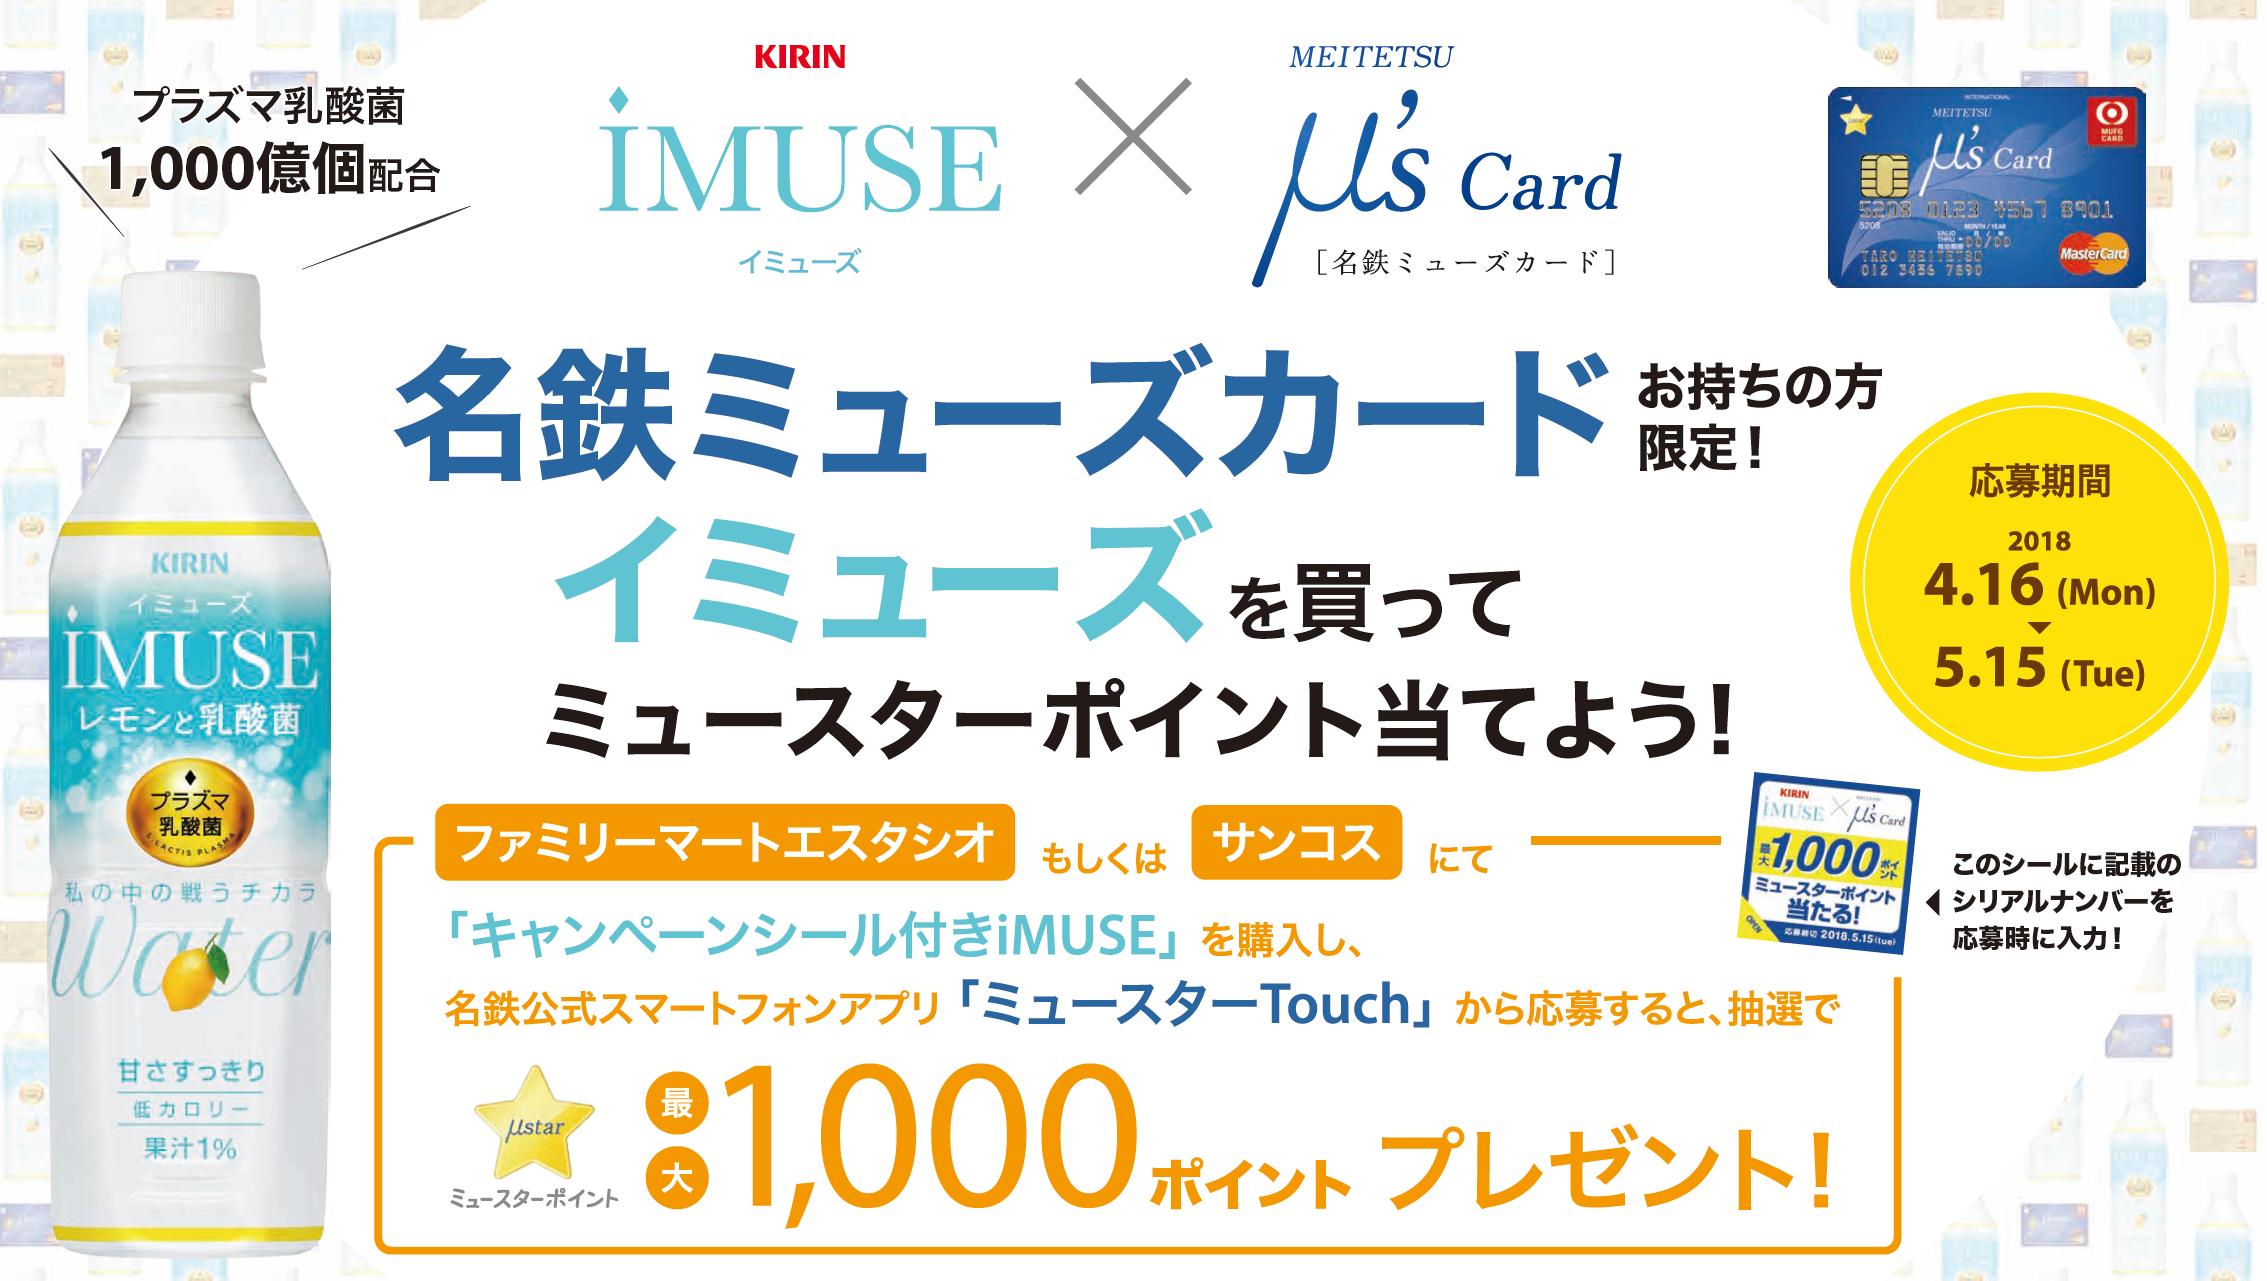 イミューズ × 名鉄ミューズカード キャンペーン★